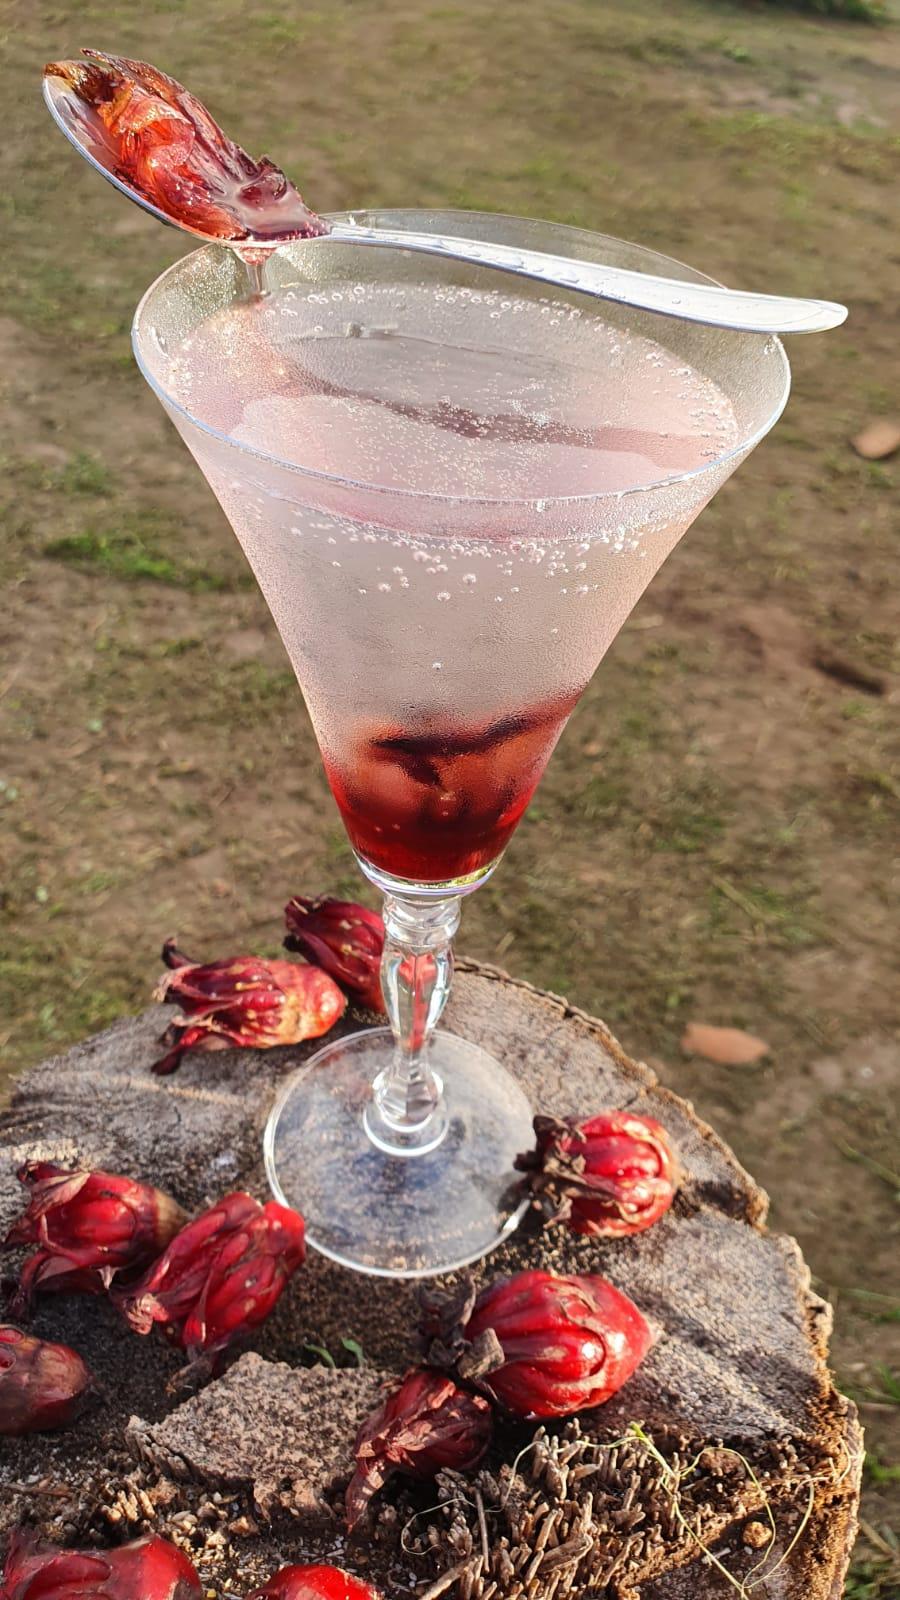 Um brinde à cachaça! Receitas de drinks à base de cachaça para aproveitar o Dia Nacional da Cachaça